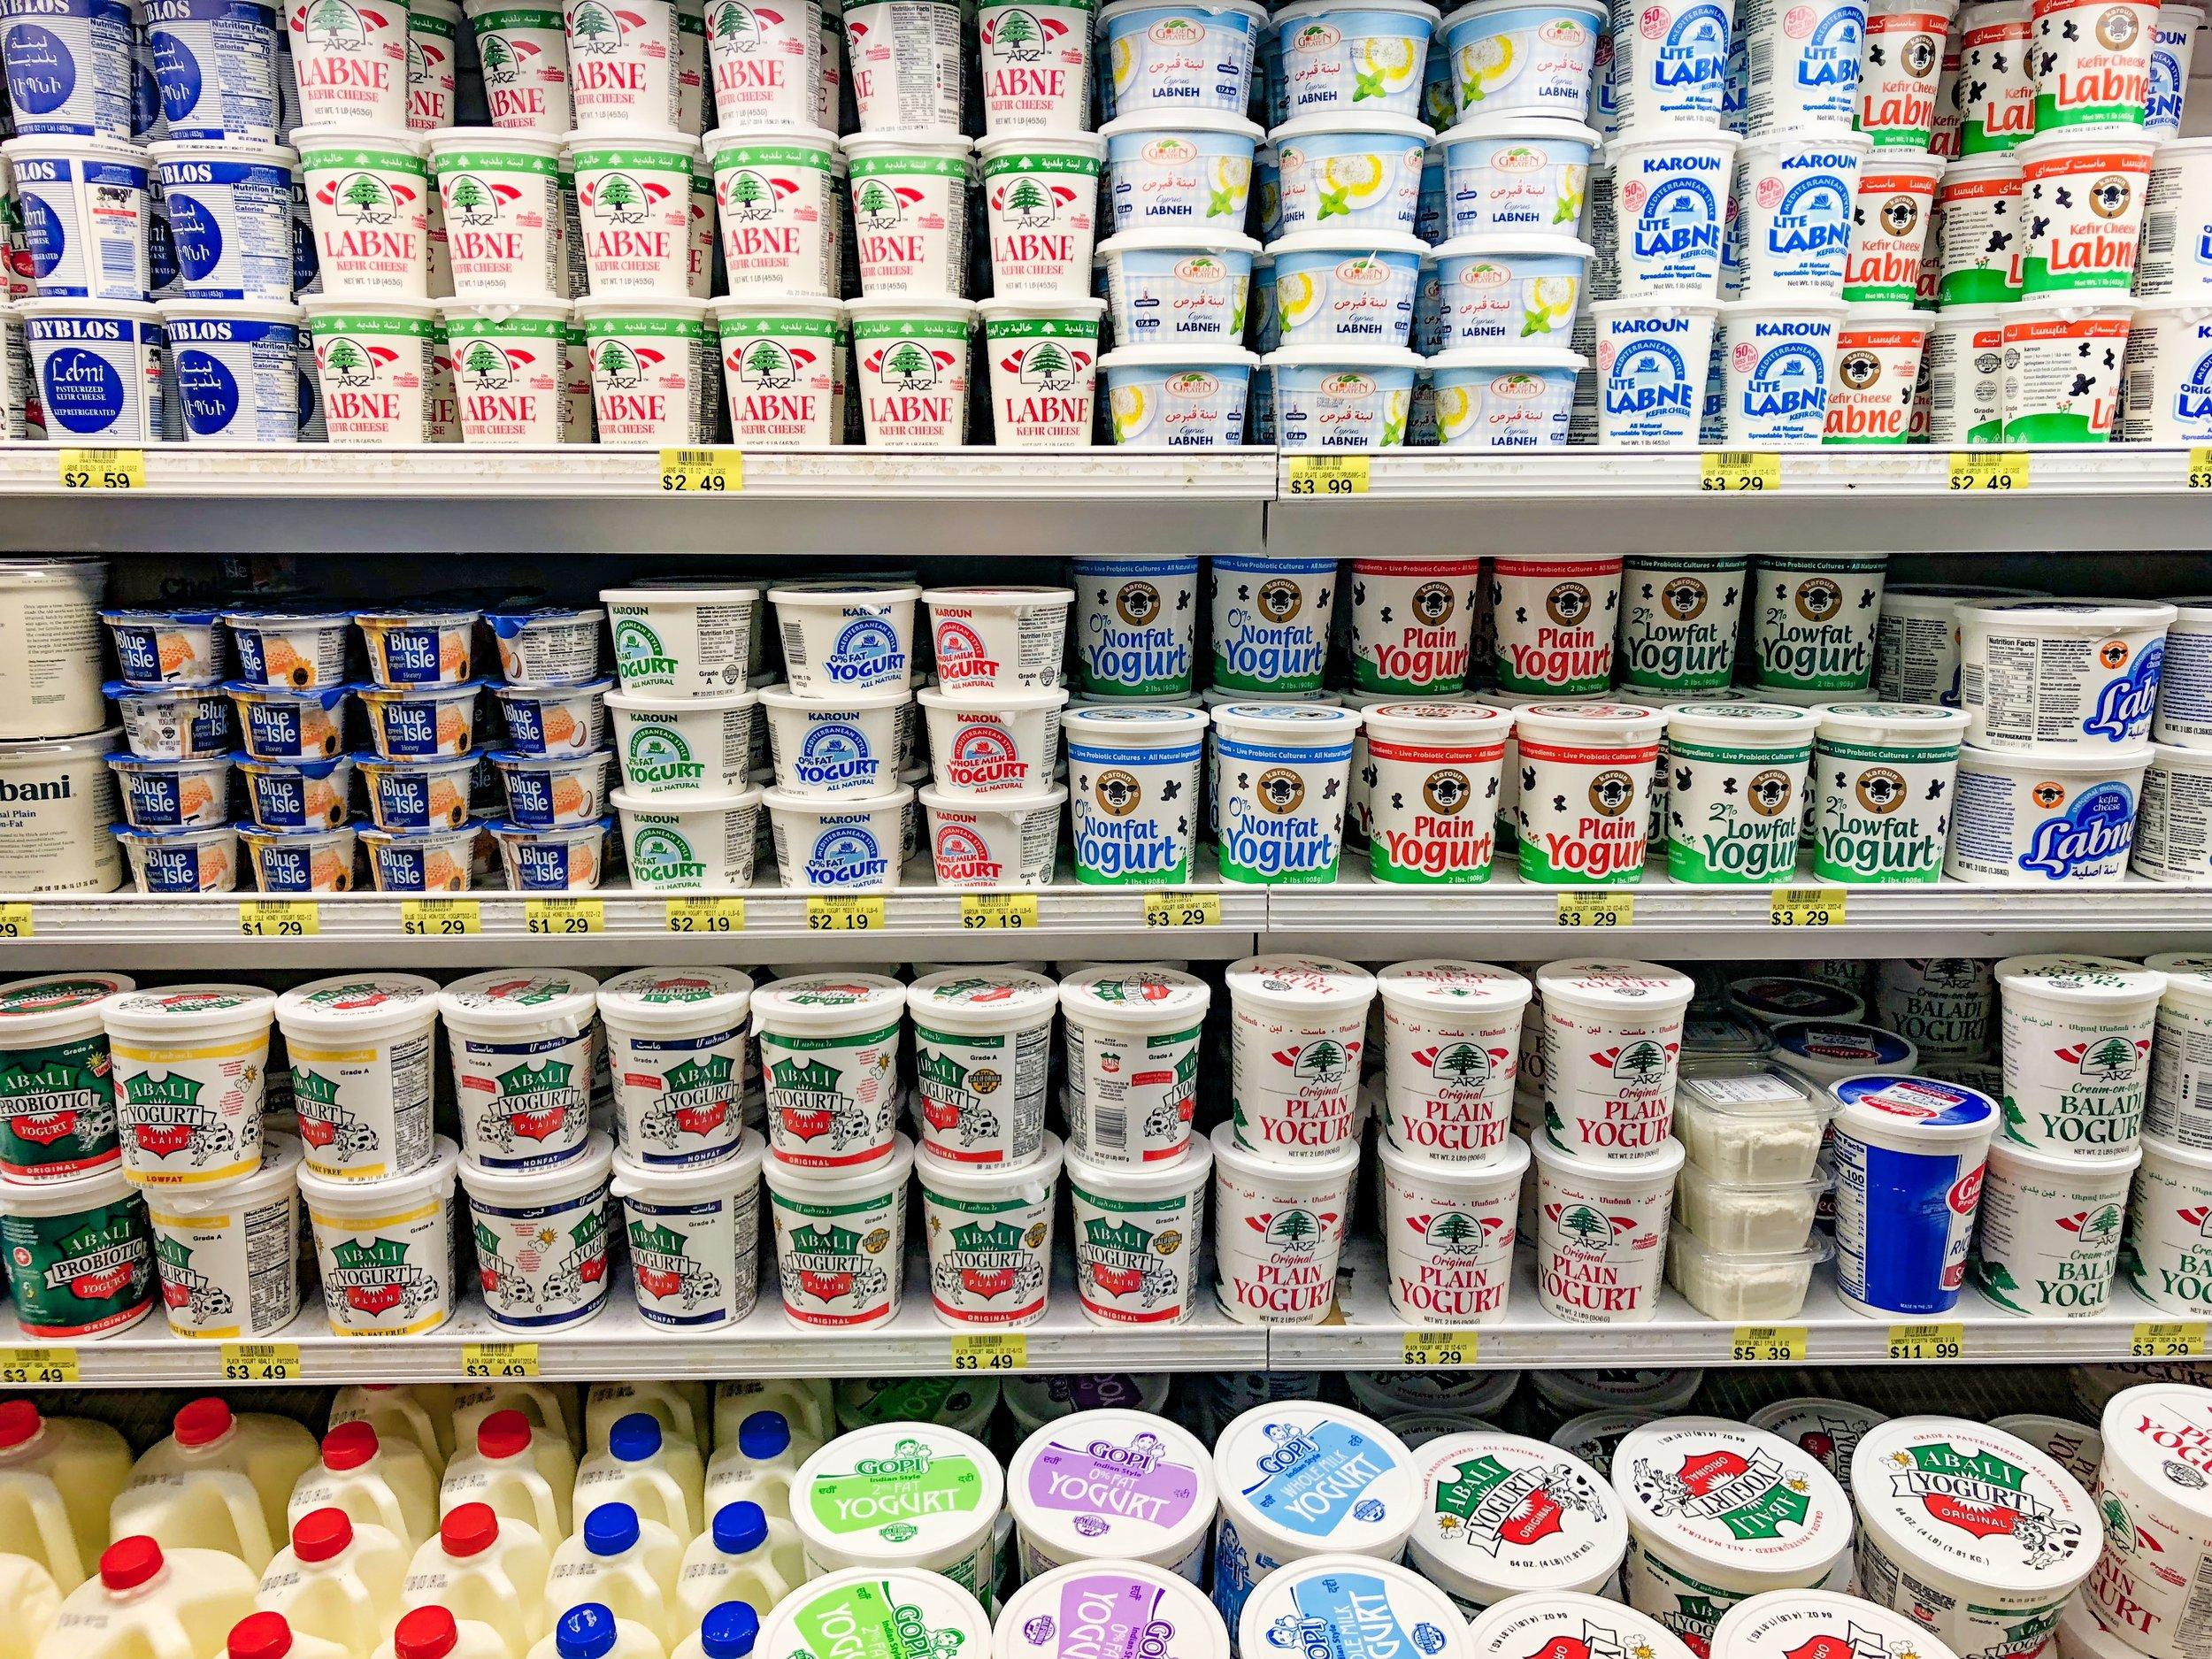 Yogurt and More Yogurt